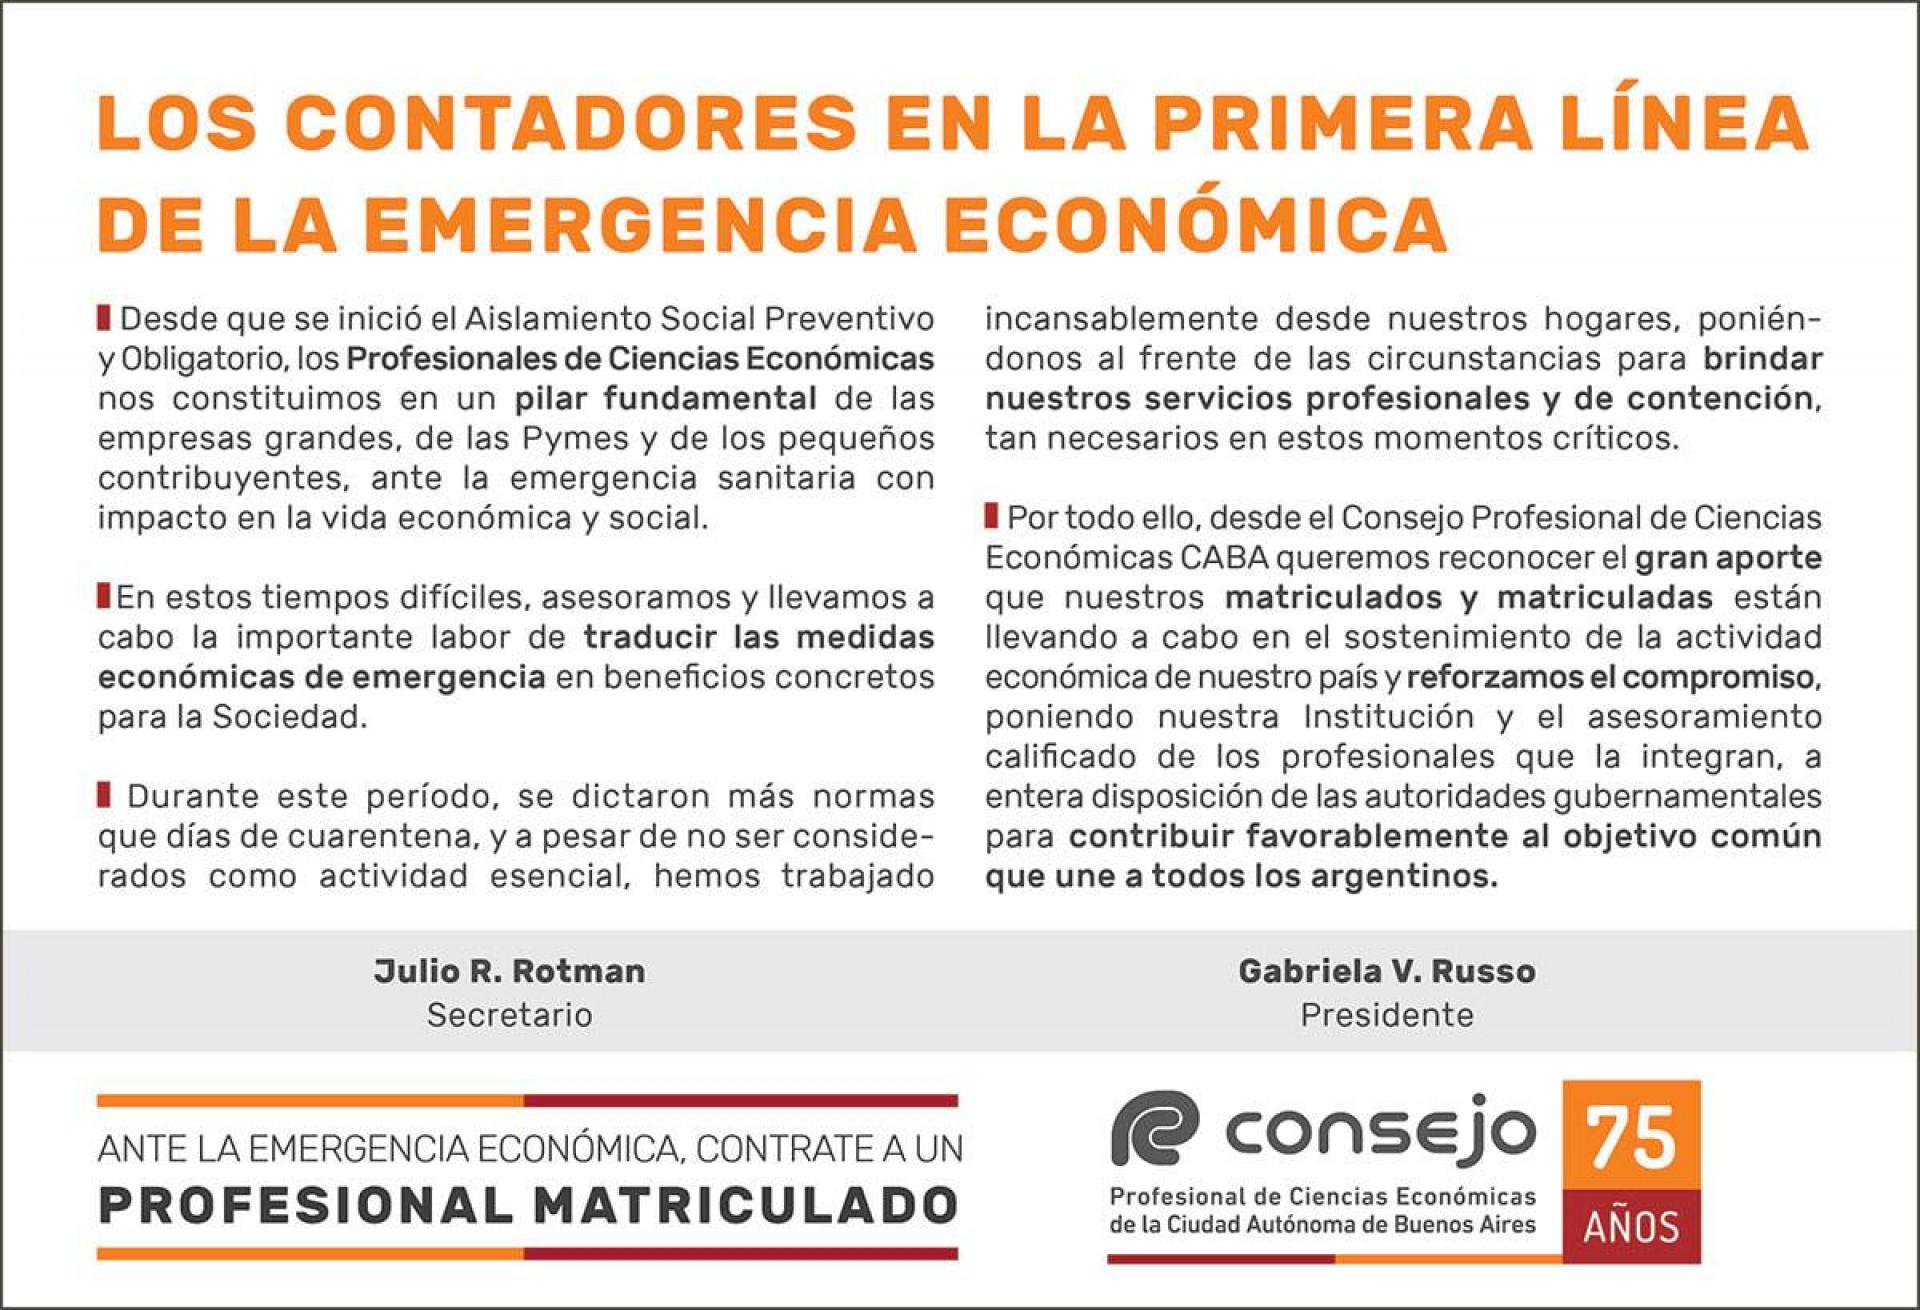 Publicado el 17/5/2020 en el Suplemento Económico del diario Clarín